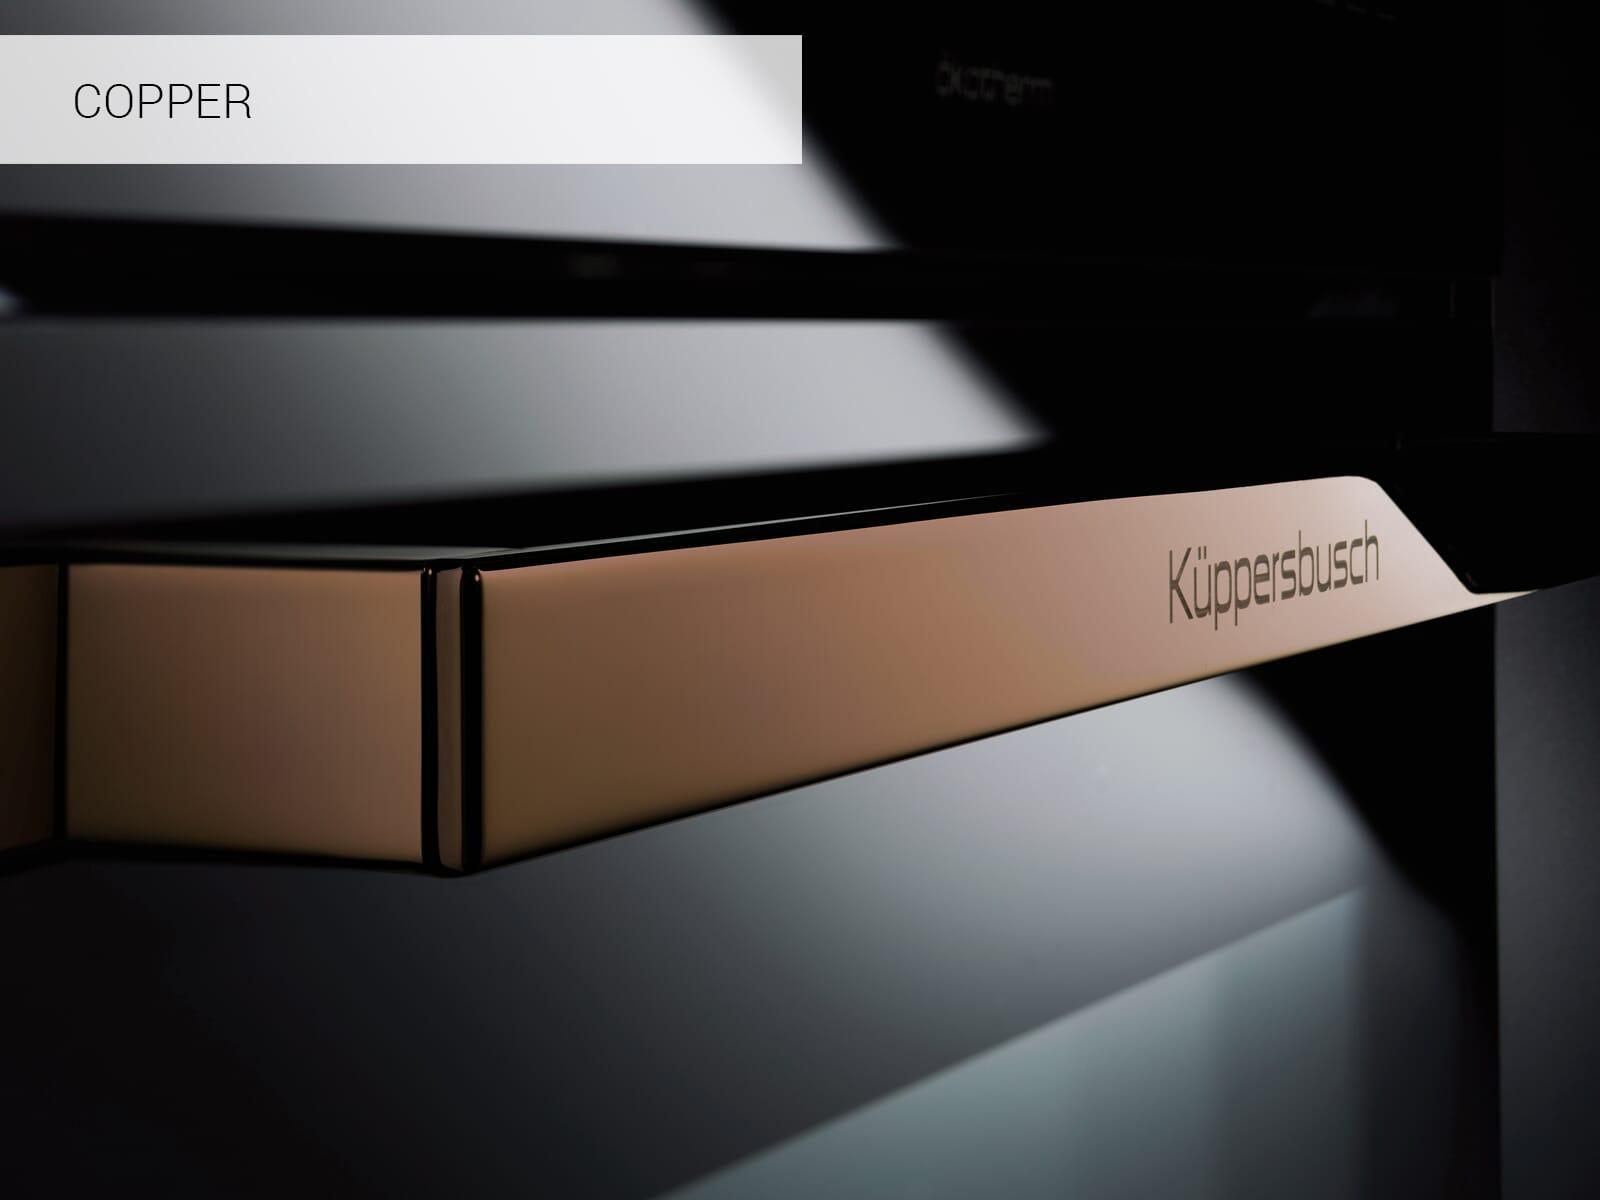 Küppersbusch CBM 6350.0 SE7 K-Series. 3 Compact Backofen mit Mikrowelle Schwarz/Copper